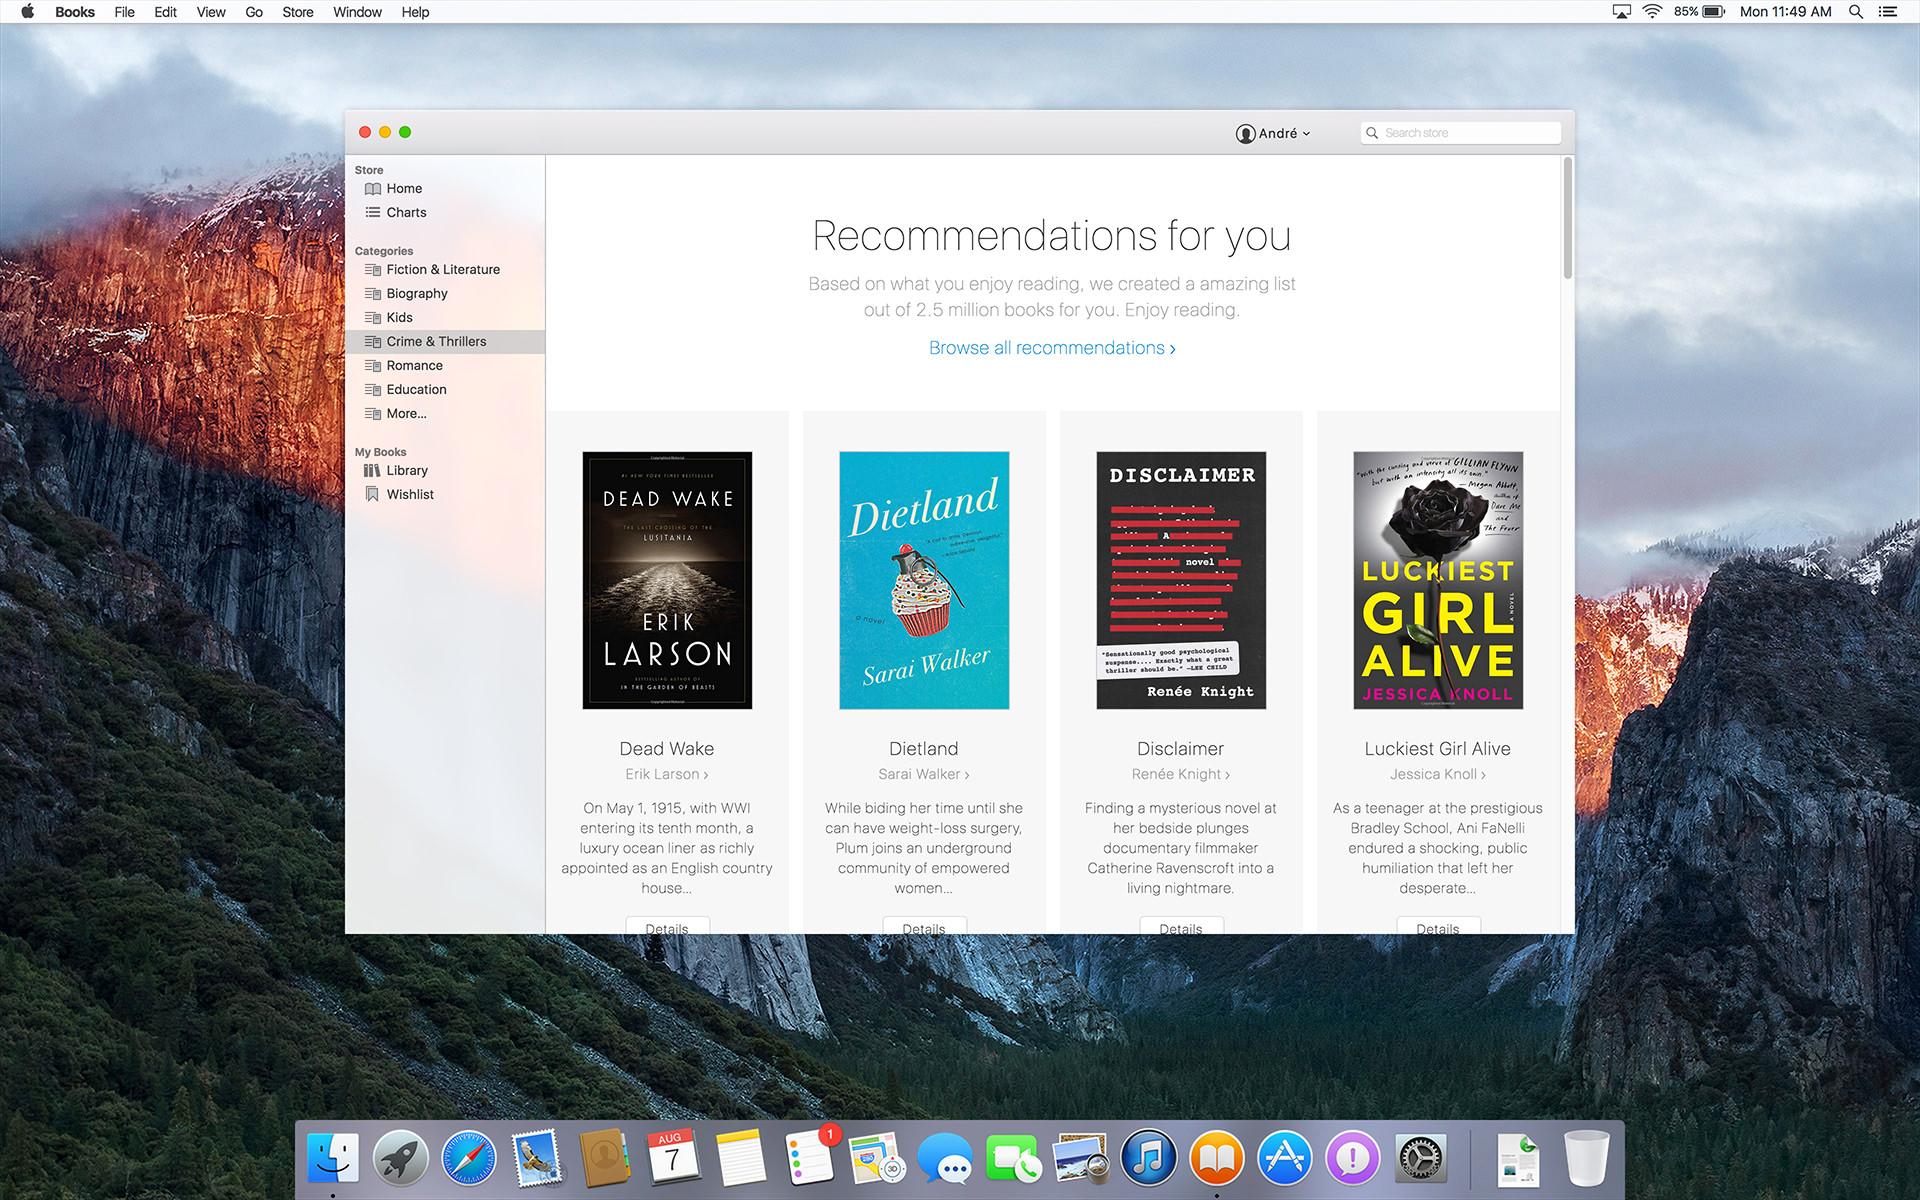 iTunes - Apple Books